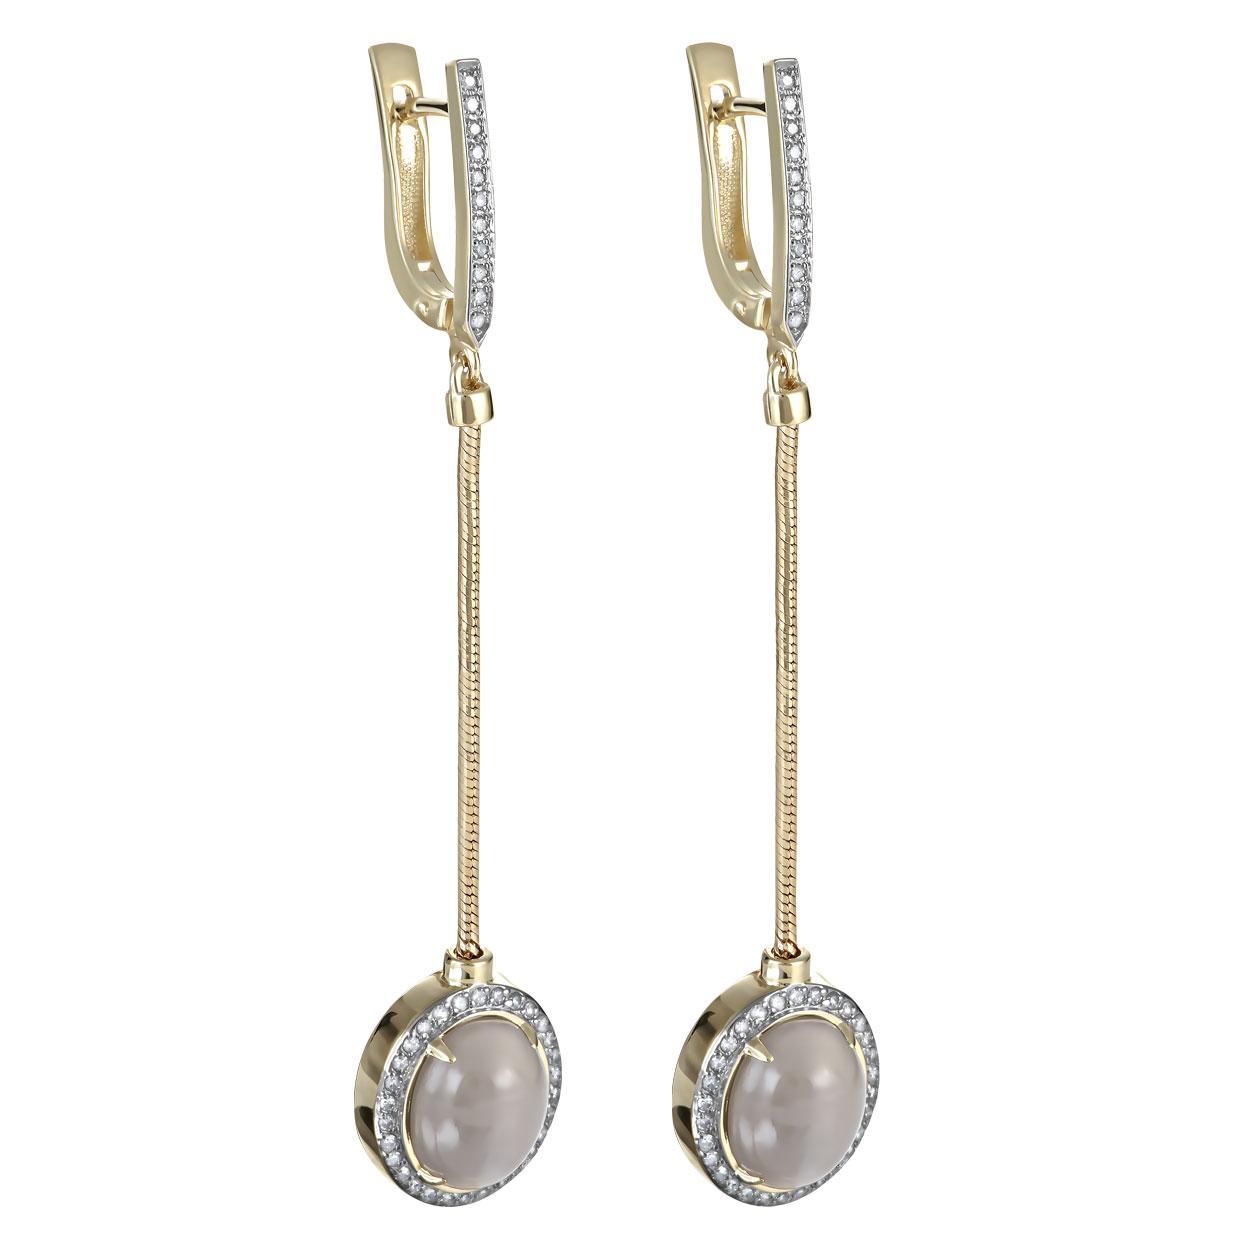 Серьги из лимонного золота с бриллиантом и лунным камнем арт. 12-21302-8700 12-21302-8700